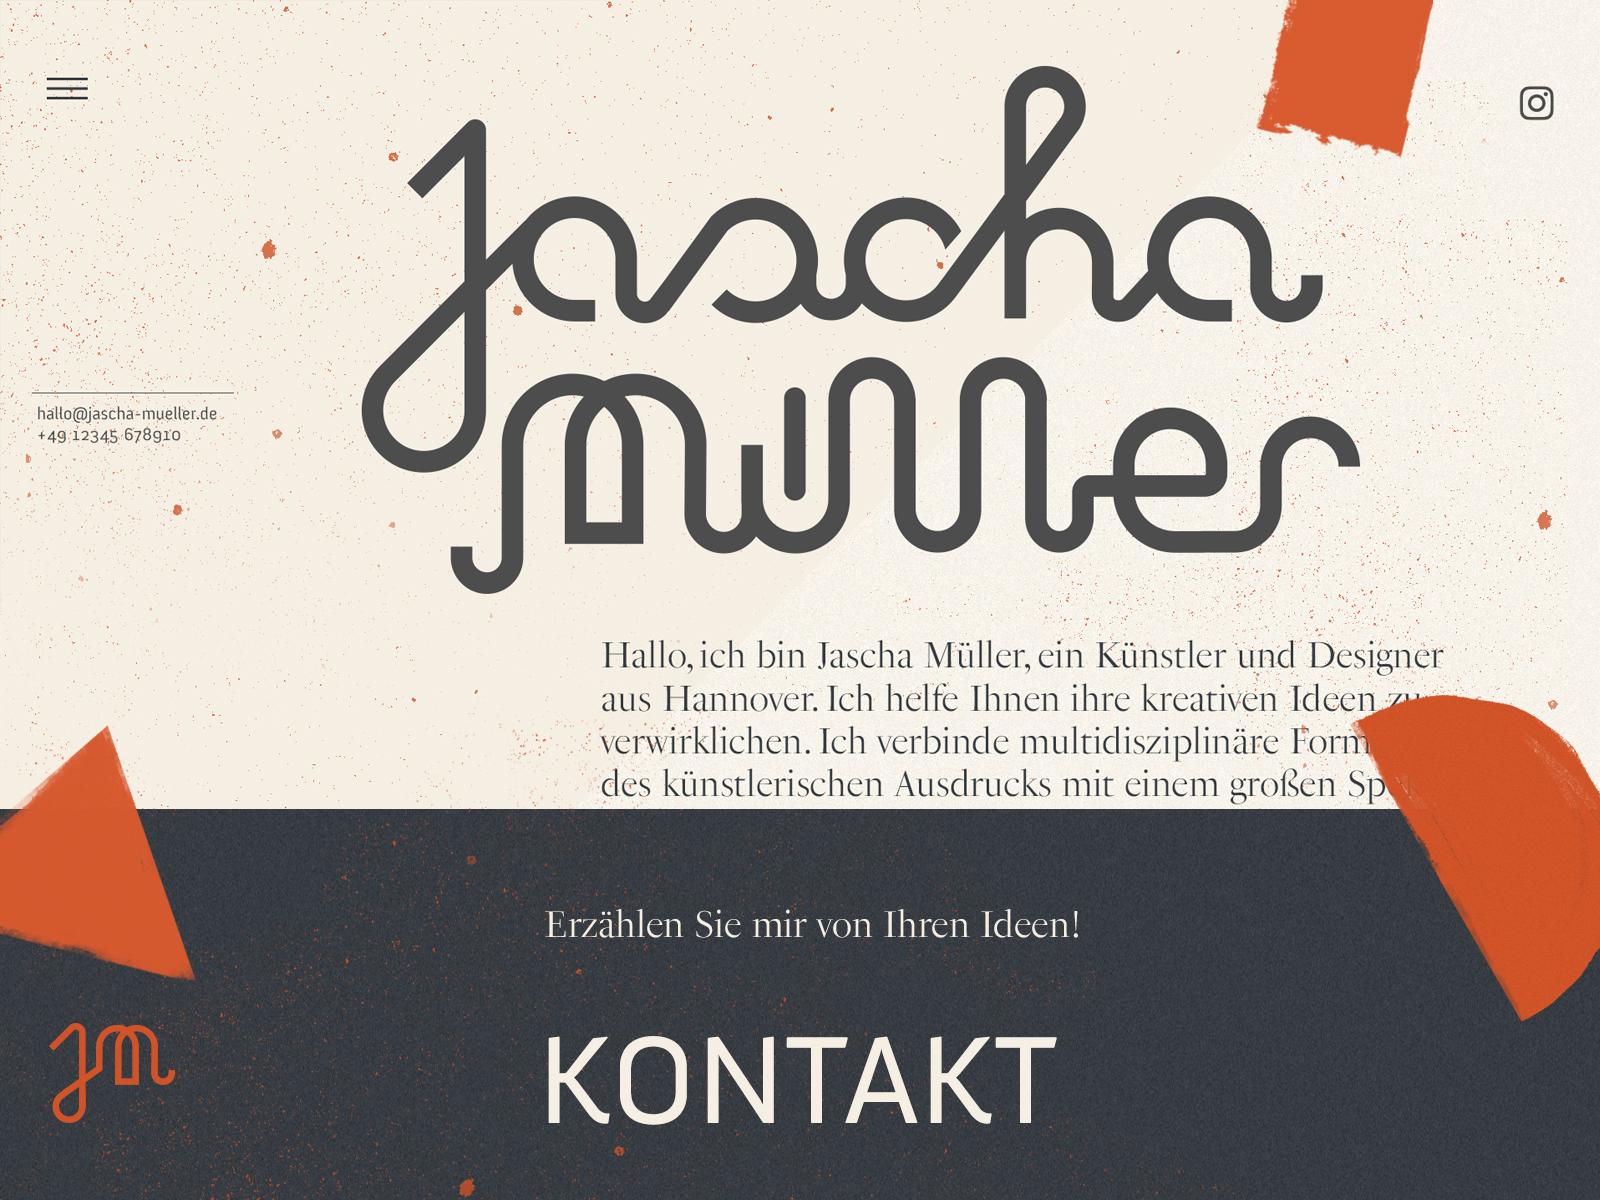 J. M. Branding & Webdesign